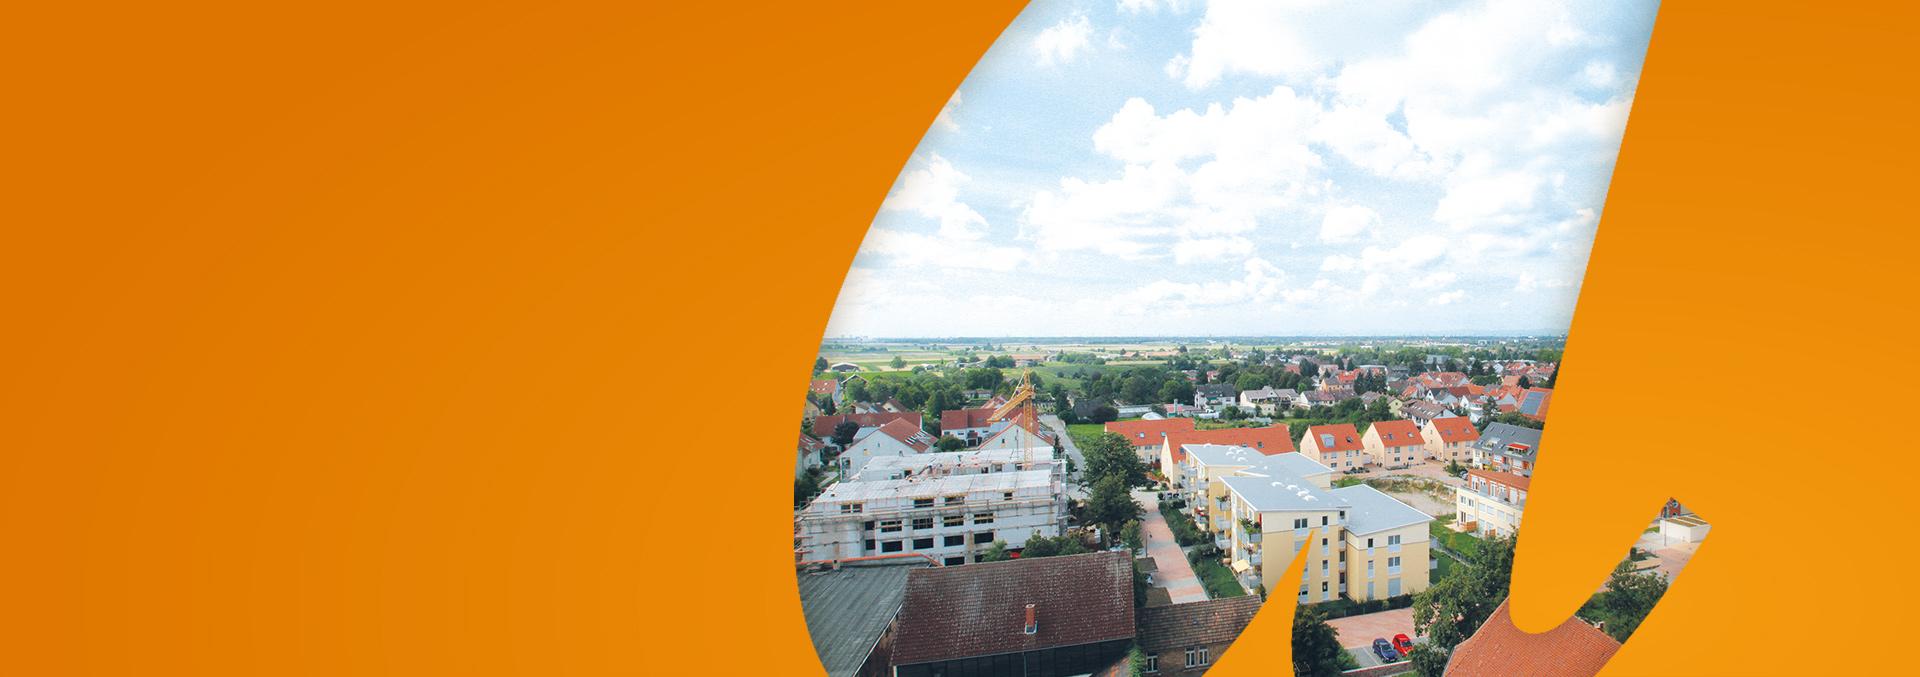 Services in Edingen-Neckarhausen: Panorama über die Dächer von Edingen unter blauem bewölktem Himmel